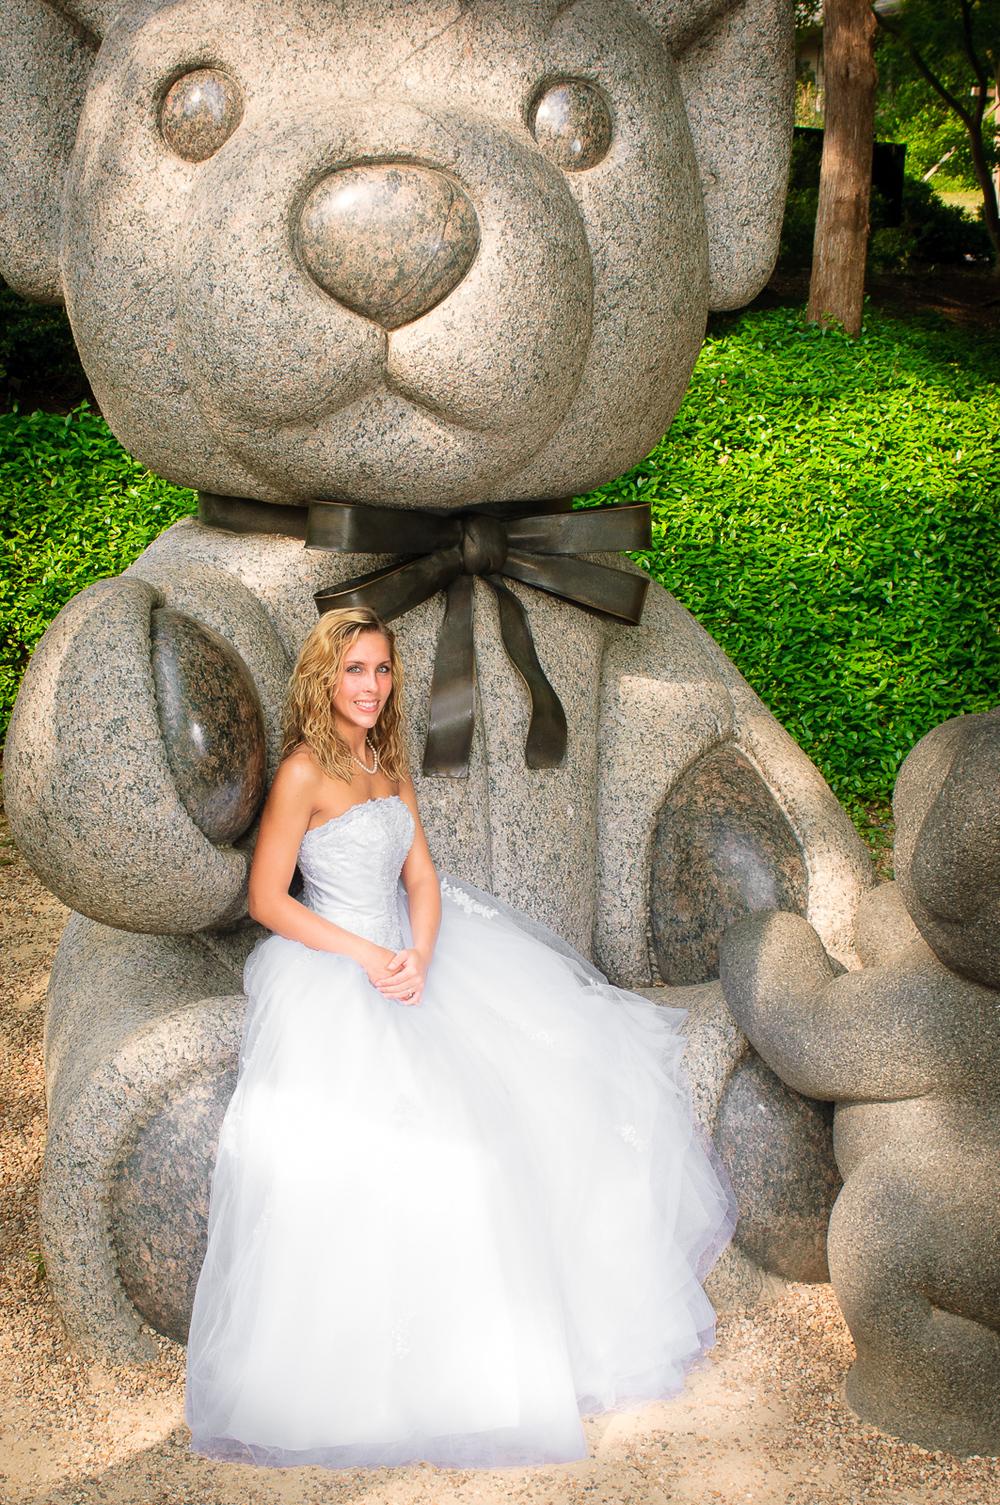 Michael-Napier-Weddings-Robb-Bridal-70 (10).jpg